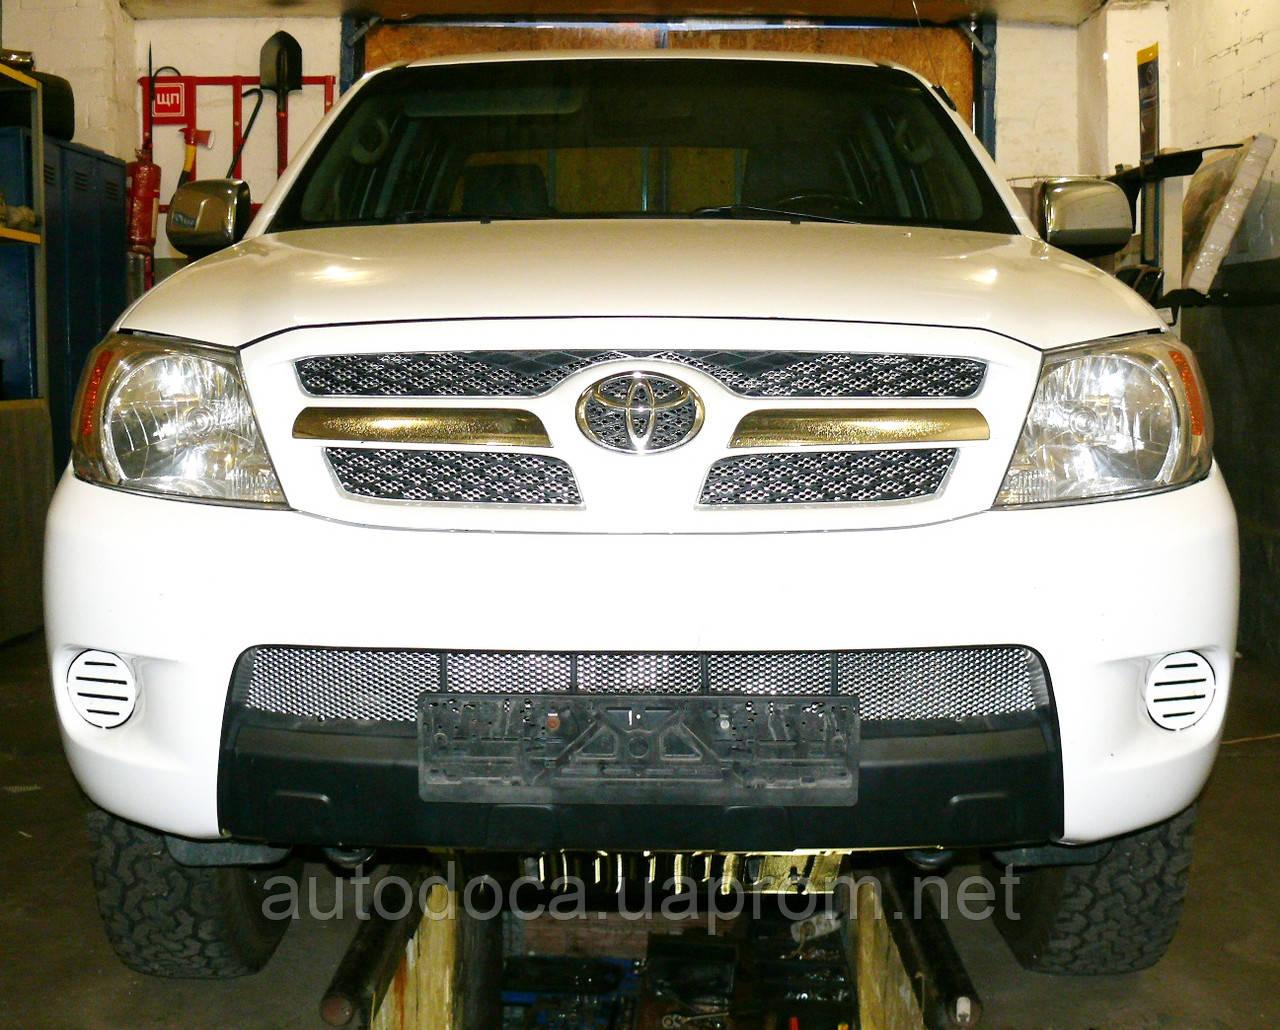 Декоративно-захисна сітка радіатора Toyota Hilux 2006 - фальшрадіаторная решітка, бампер